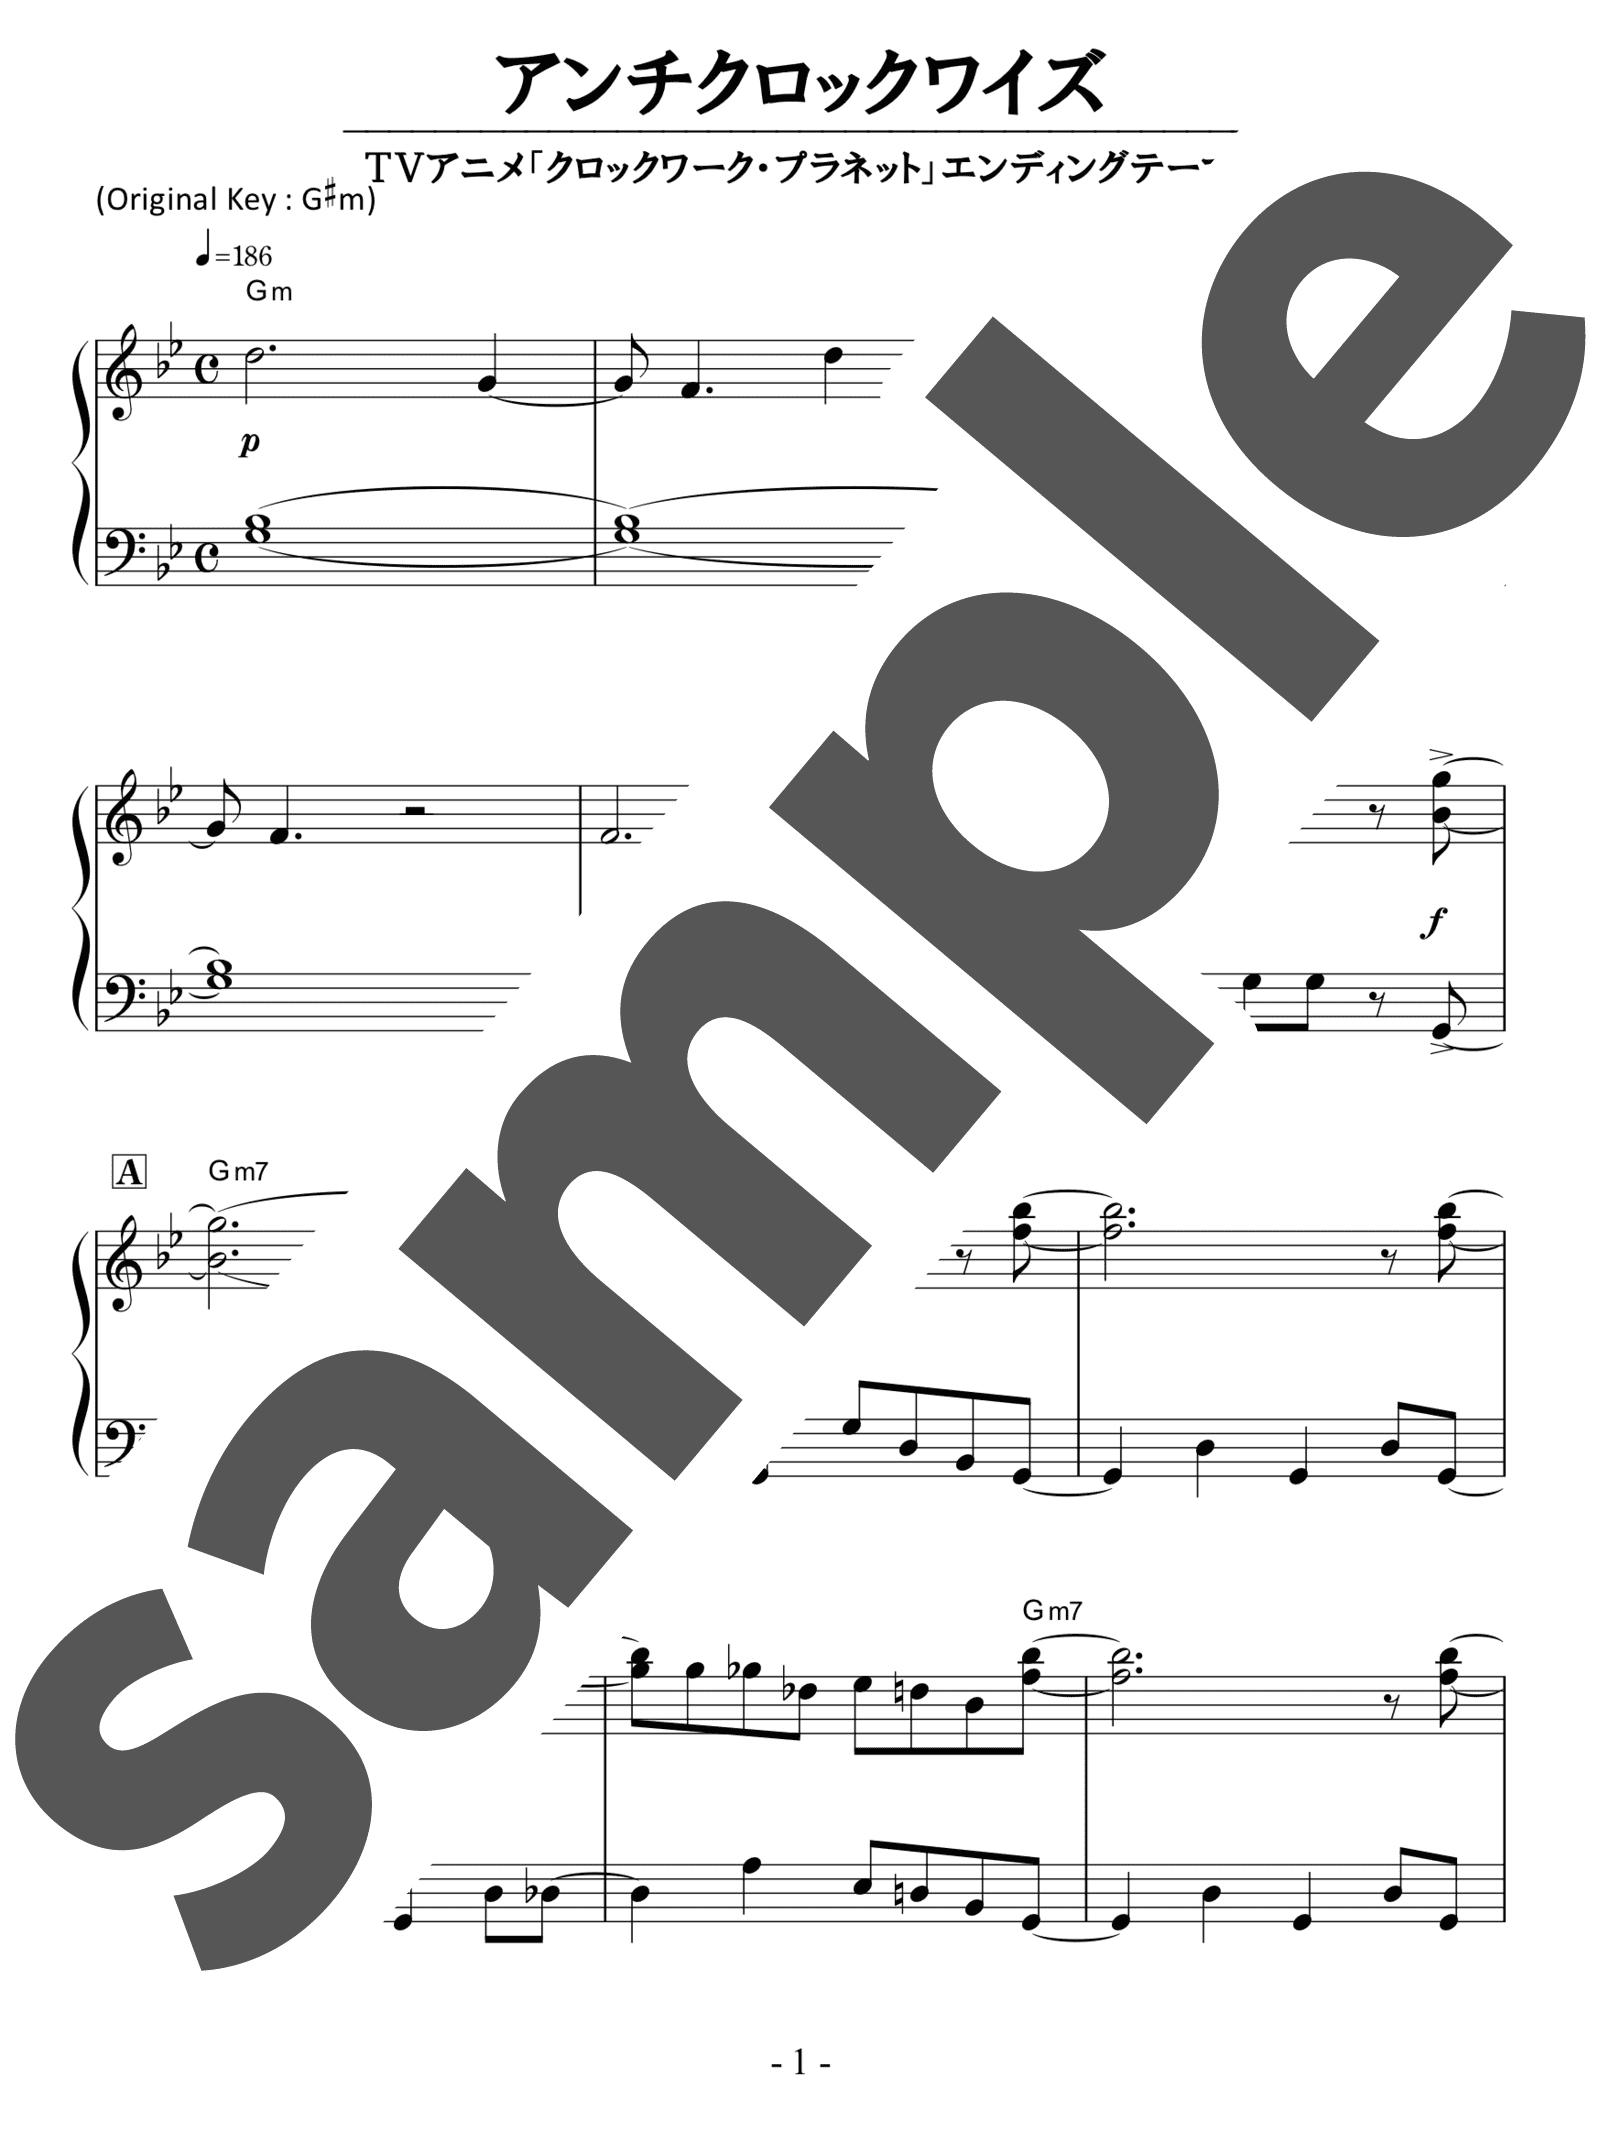 「アンチクロックワイズ」のサンプル楽譜